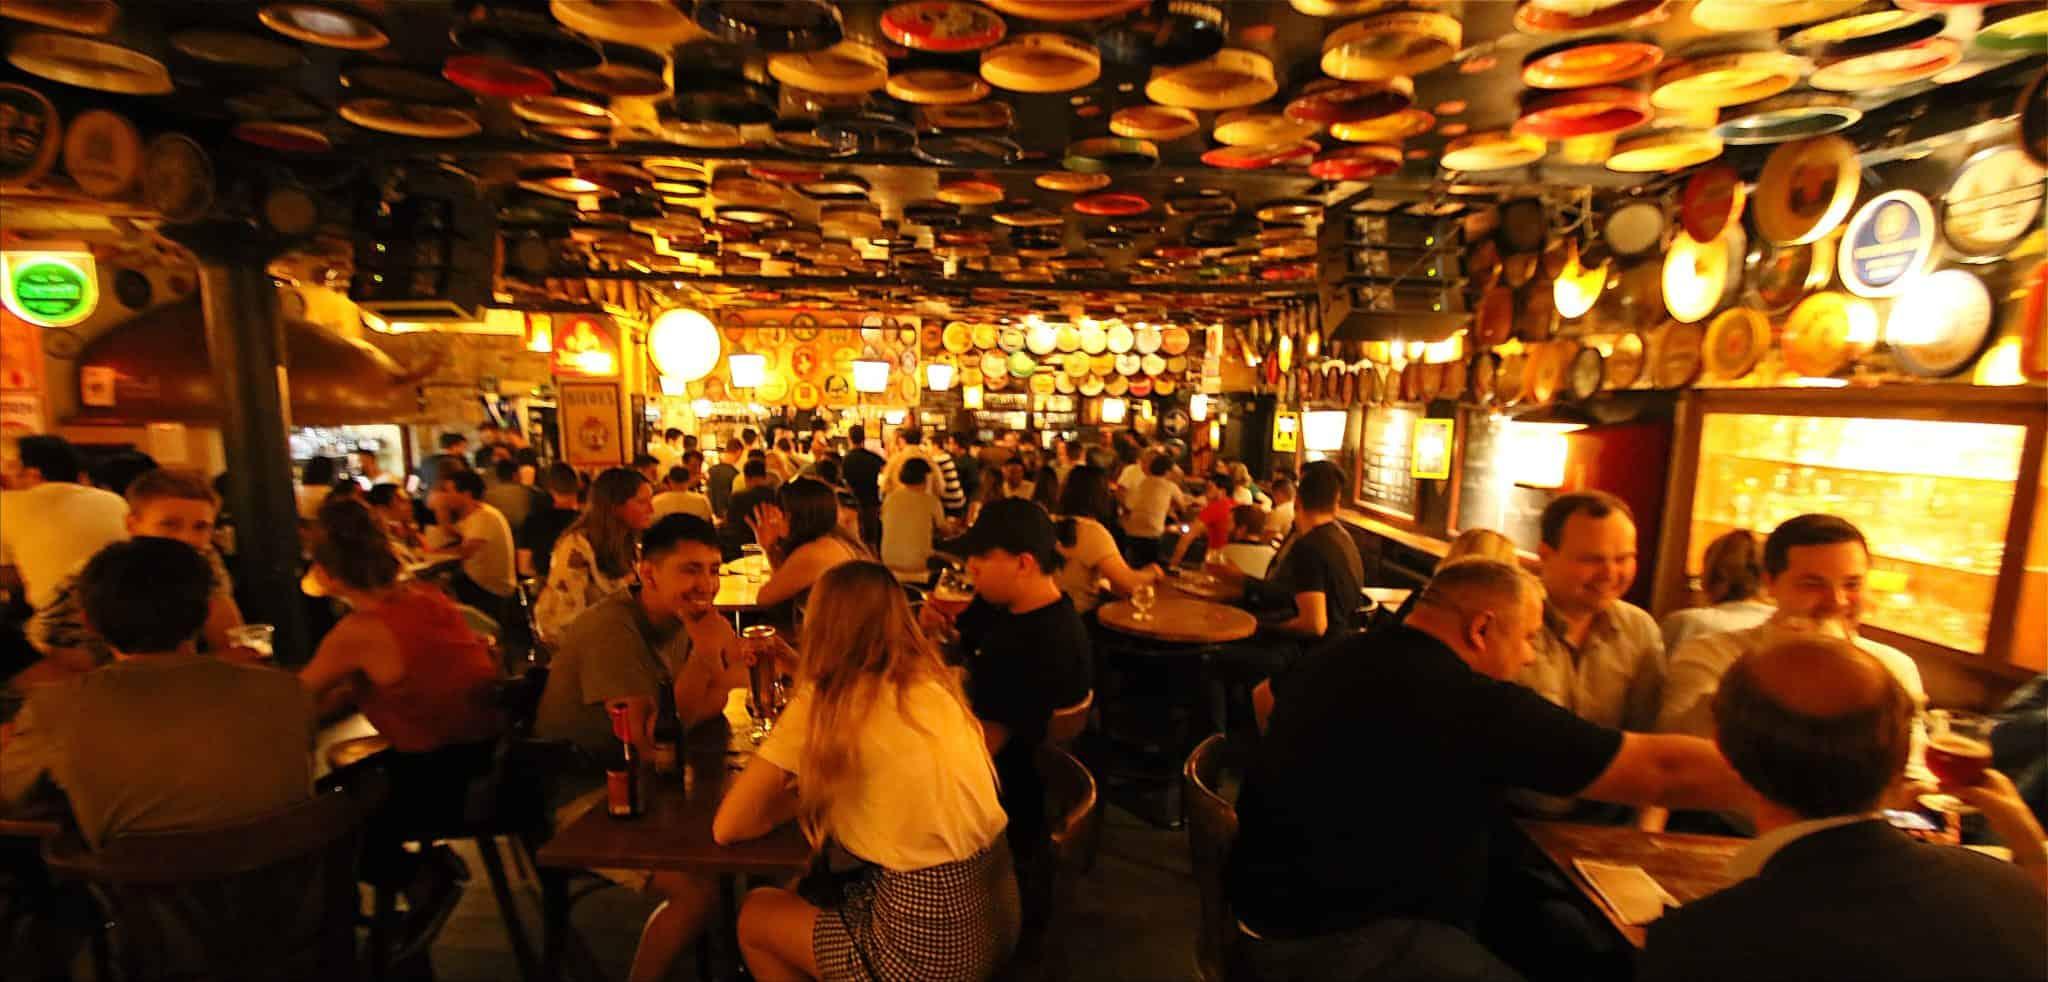 2000 motivos para visitar este bar en Bruselas 5